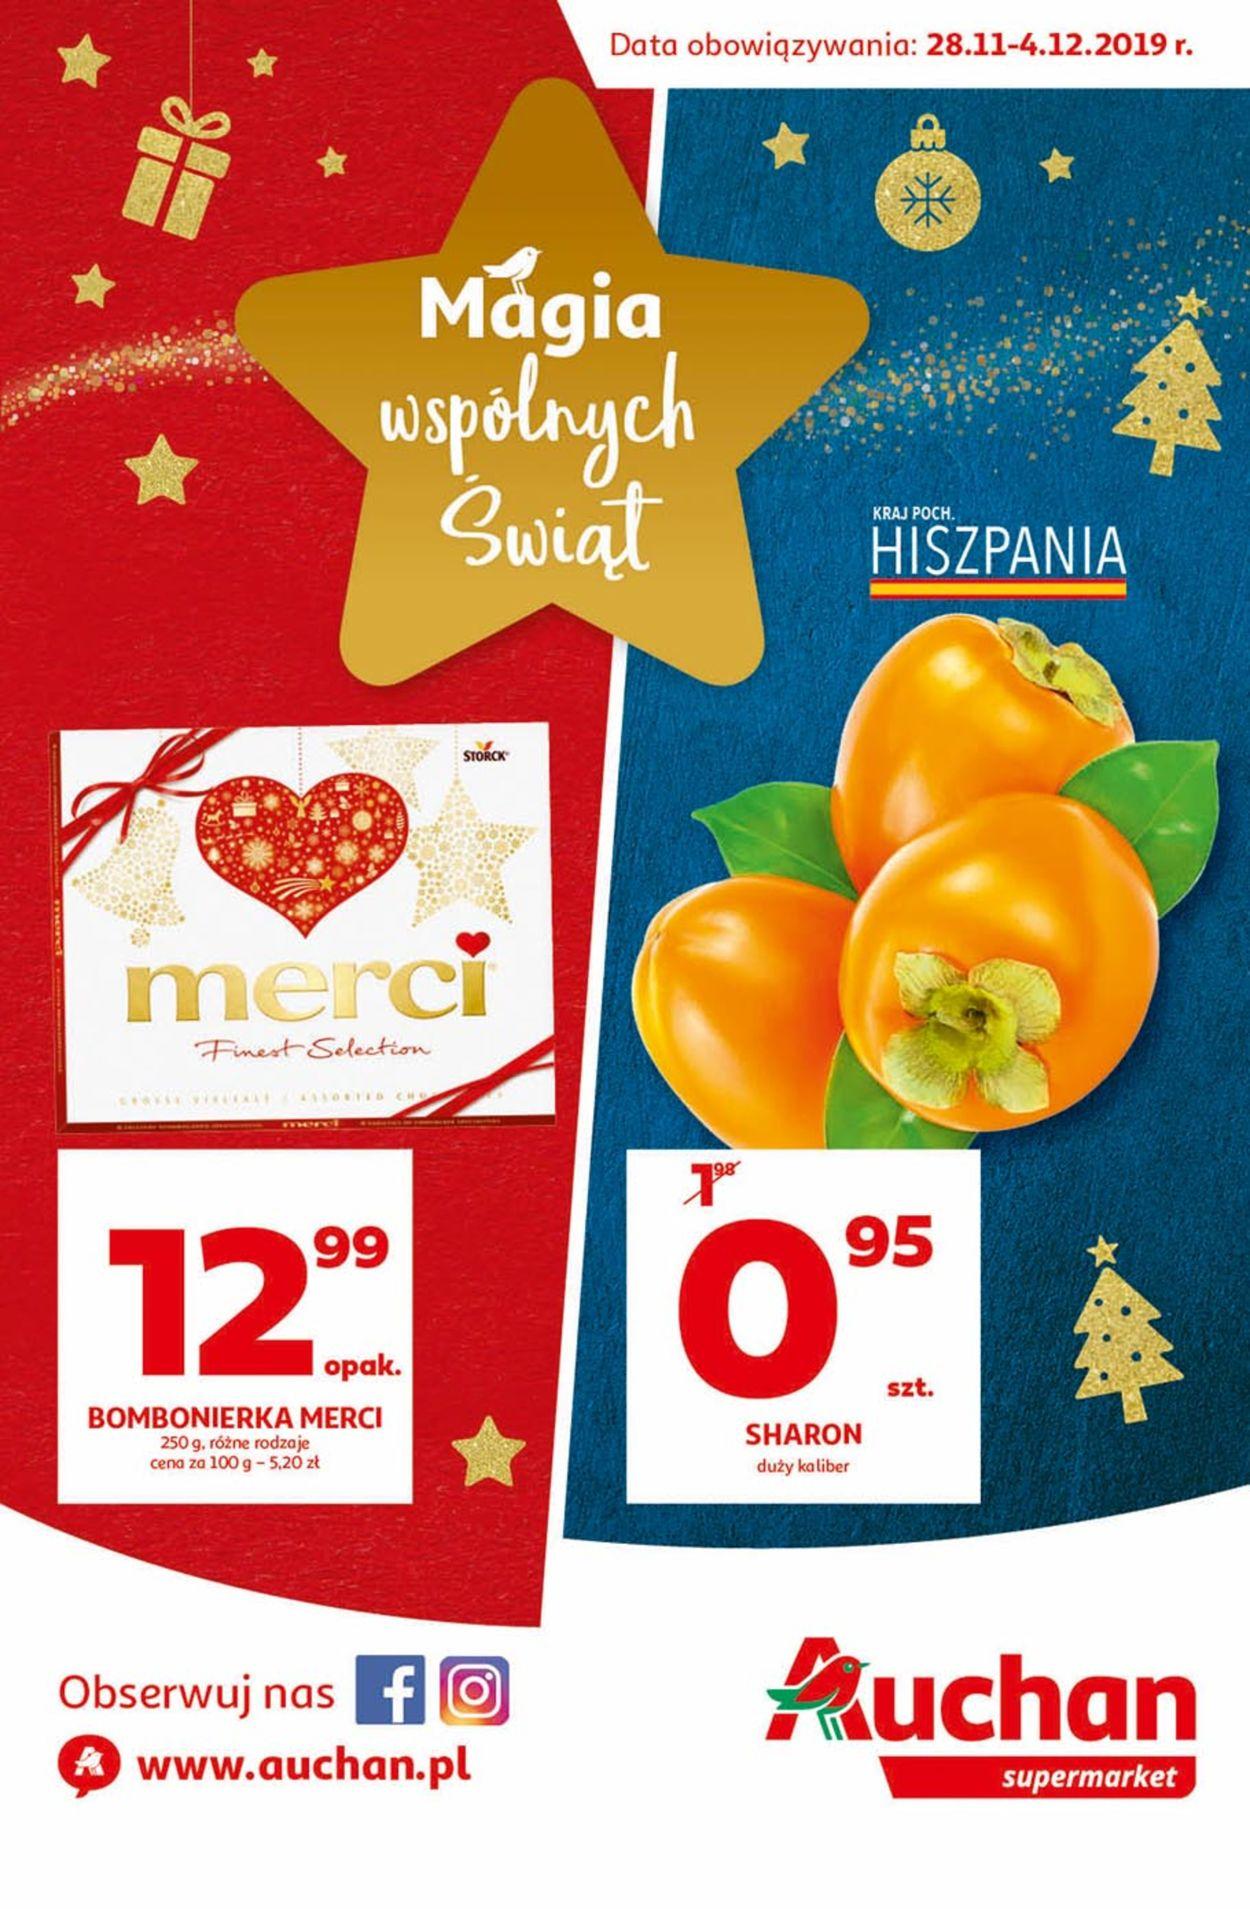 Gazetka promocyjna Auchan - Gazetka Świąteczna 2019 - 28.11-04.12.2019